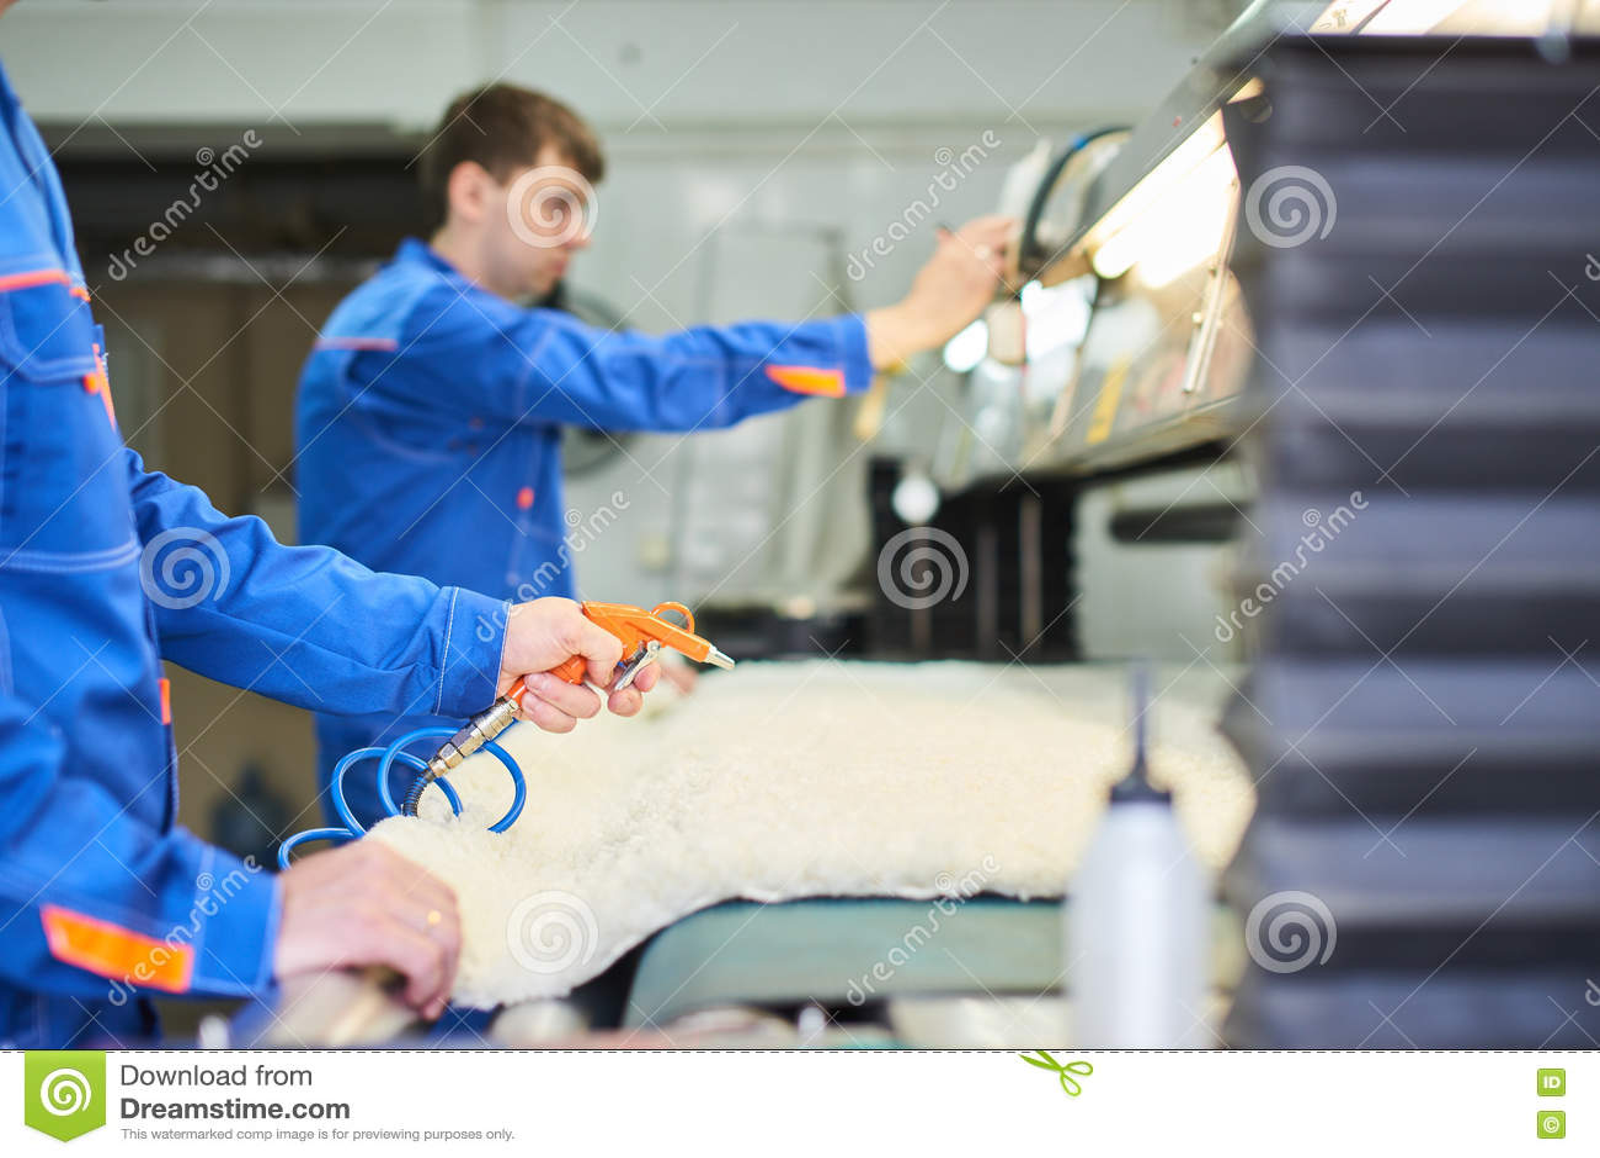 Handen die de compressor houden om lucht te blazen